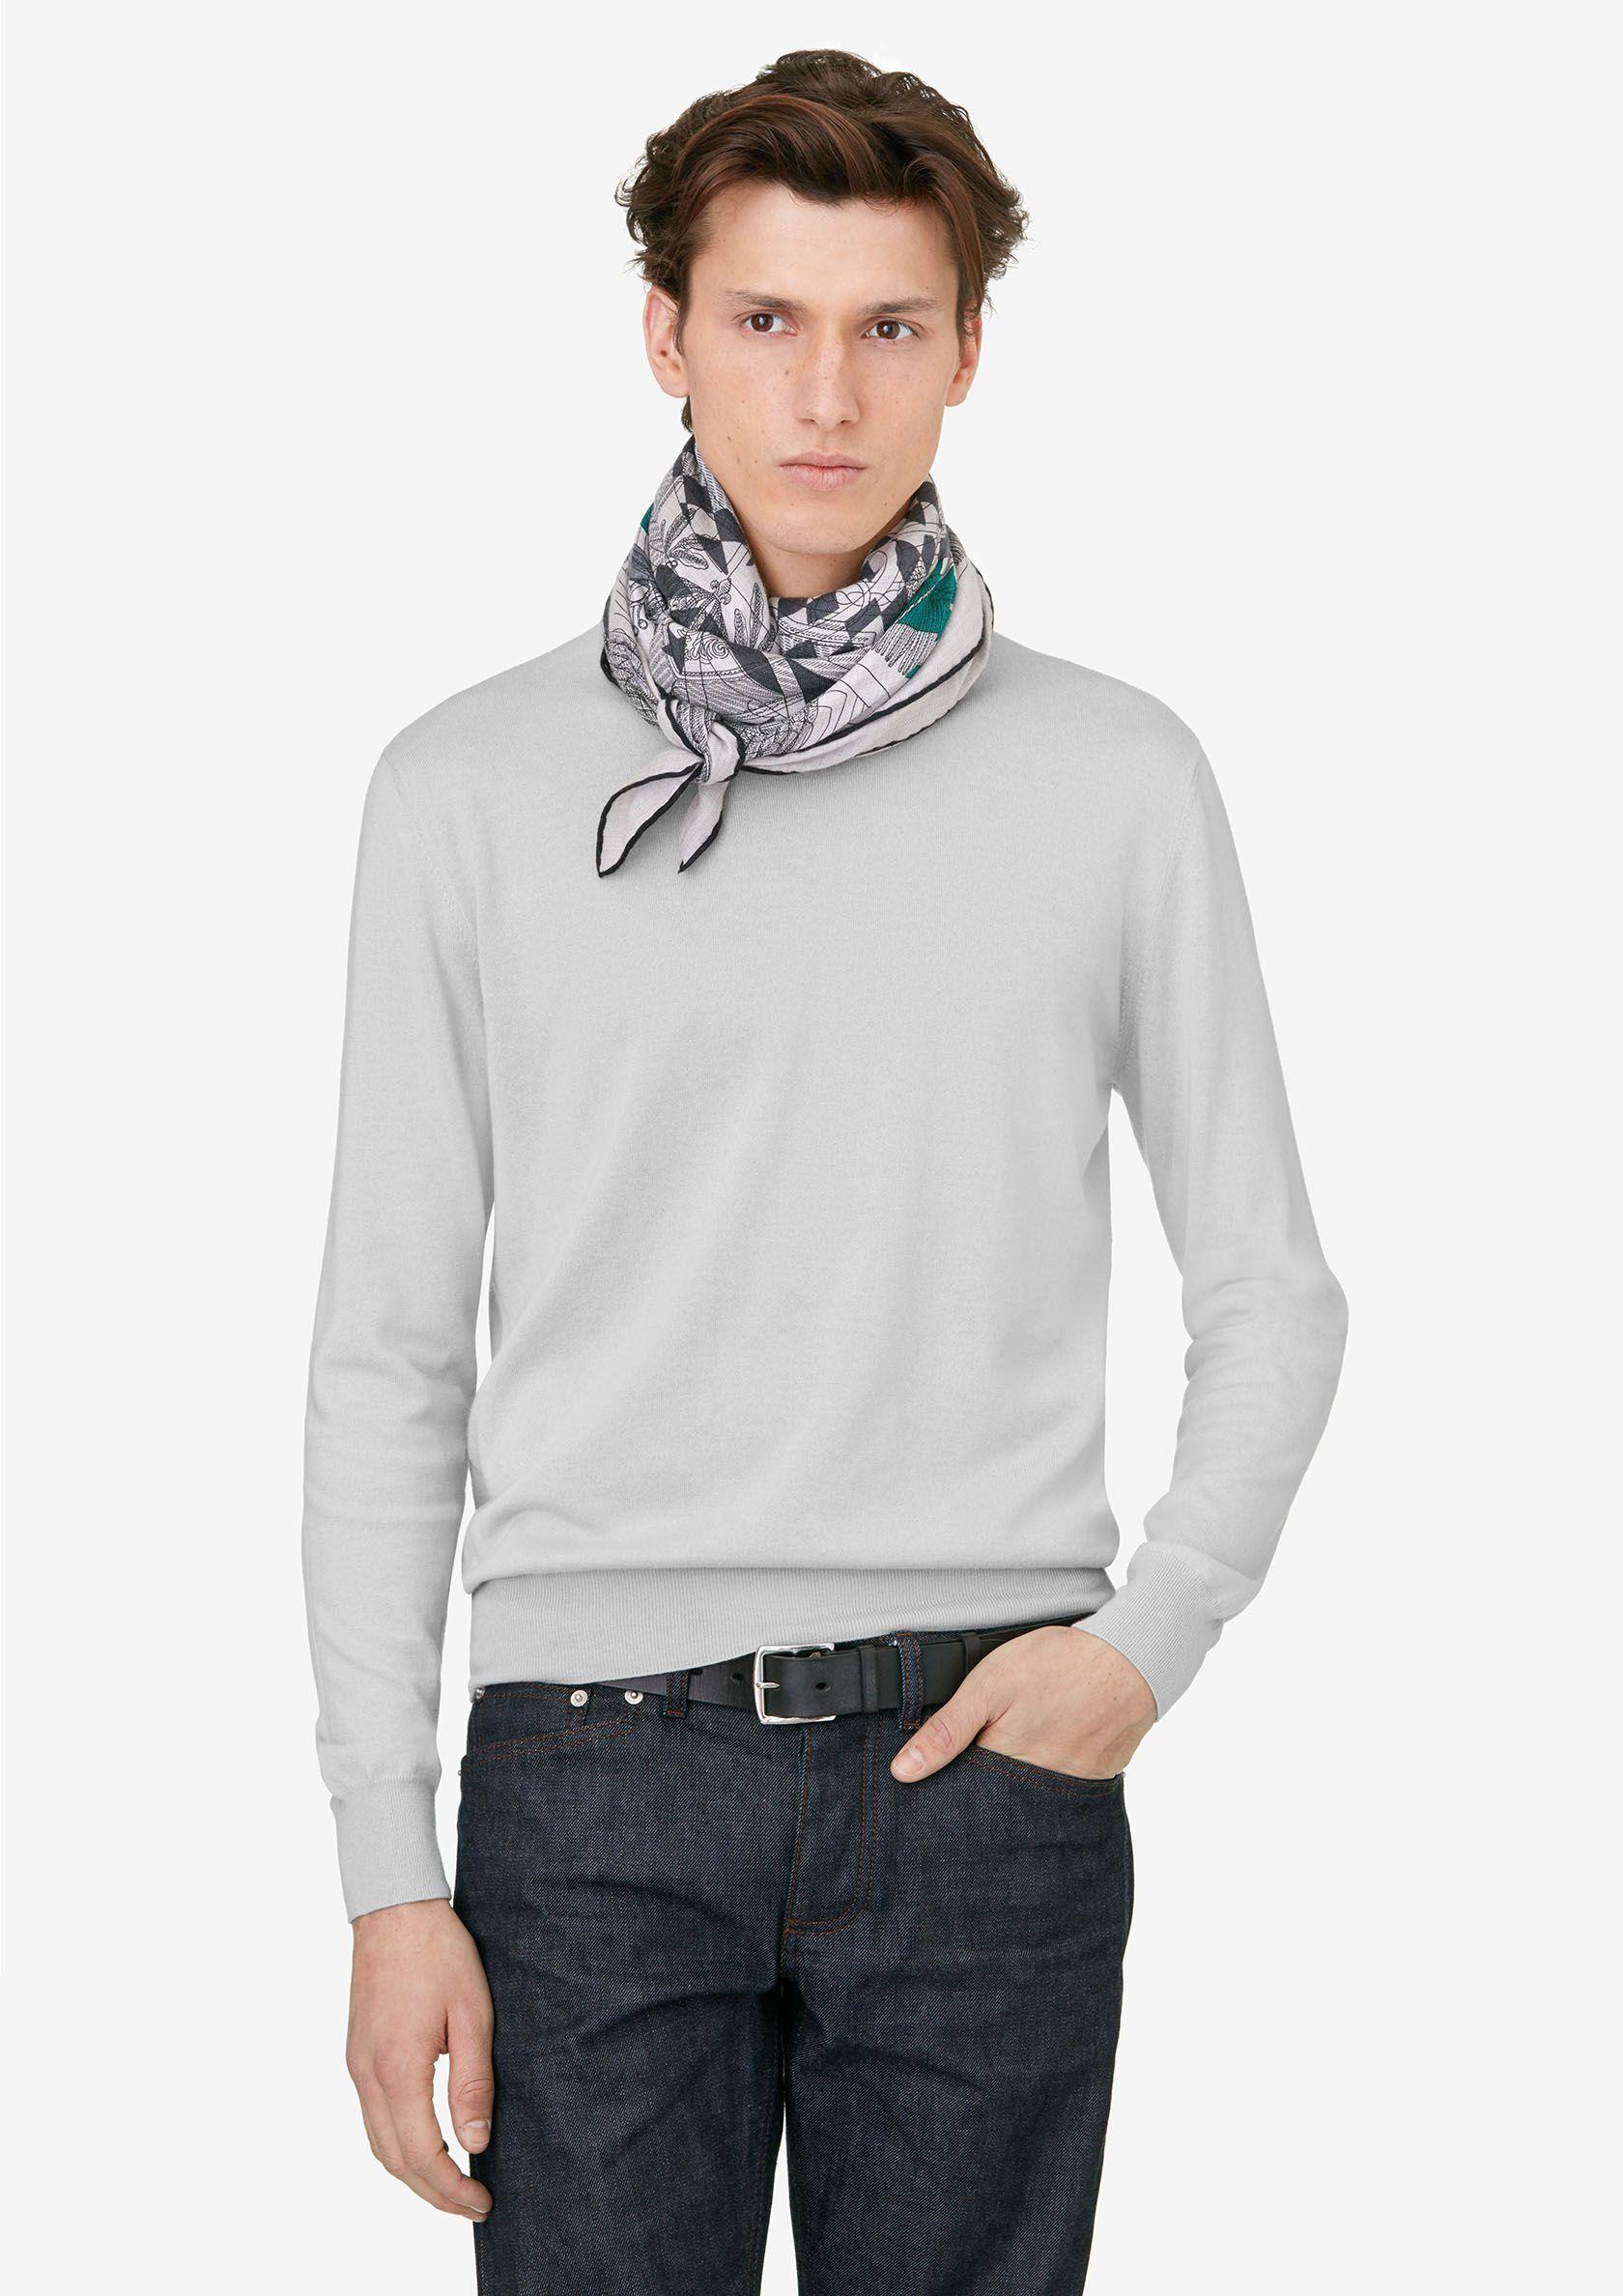 sélectionner pour officiel usine authentique vraiment pas cher Hermes cashmere and silk scarf, 55 | foulard soie homme en ...